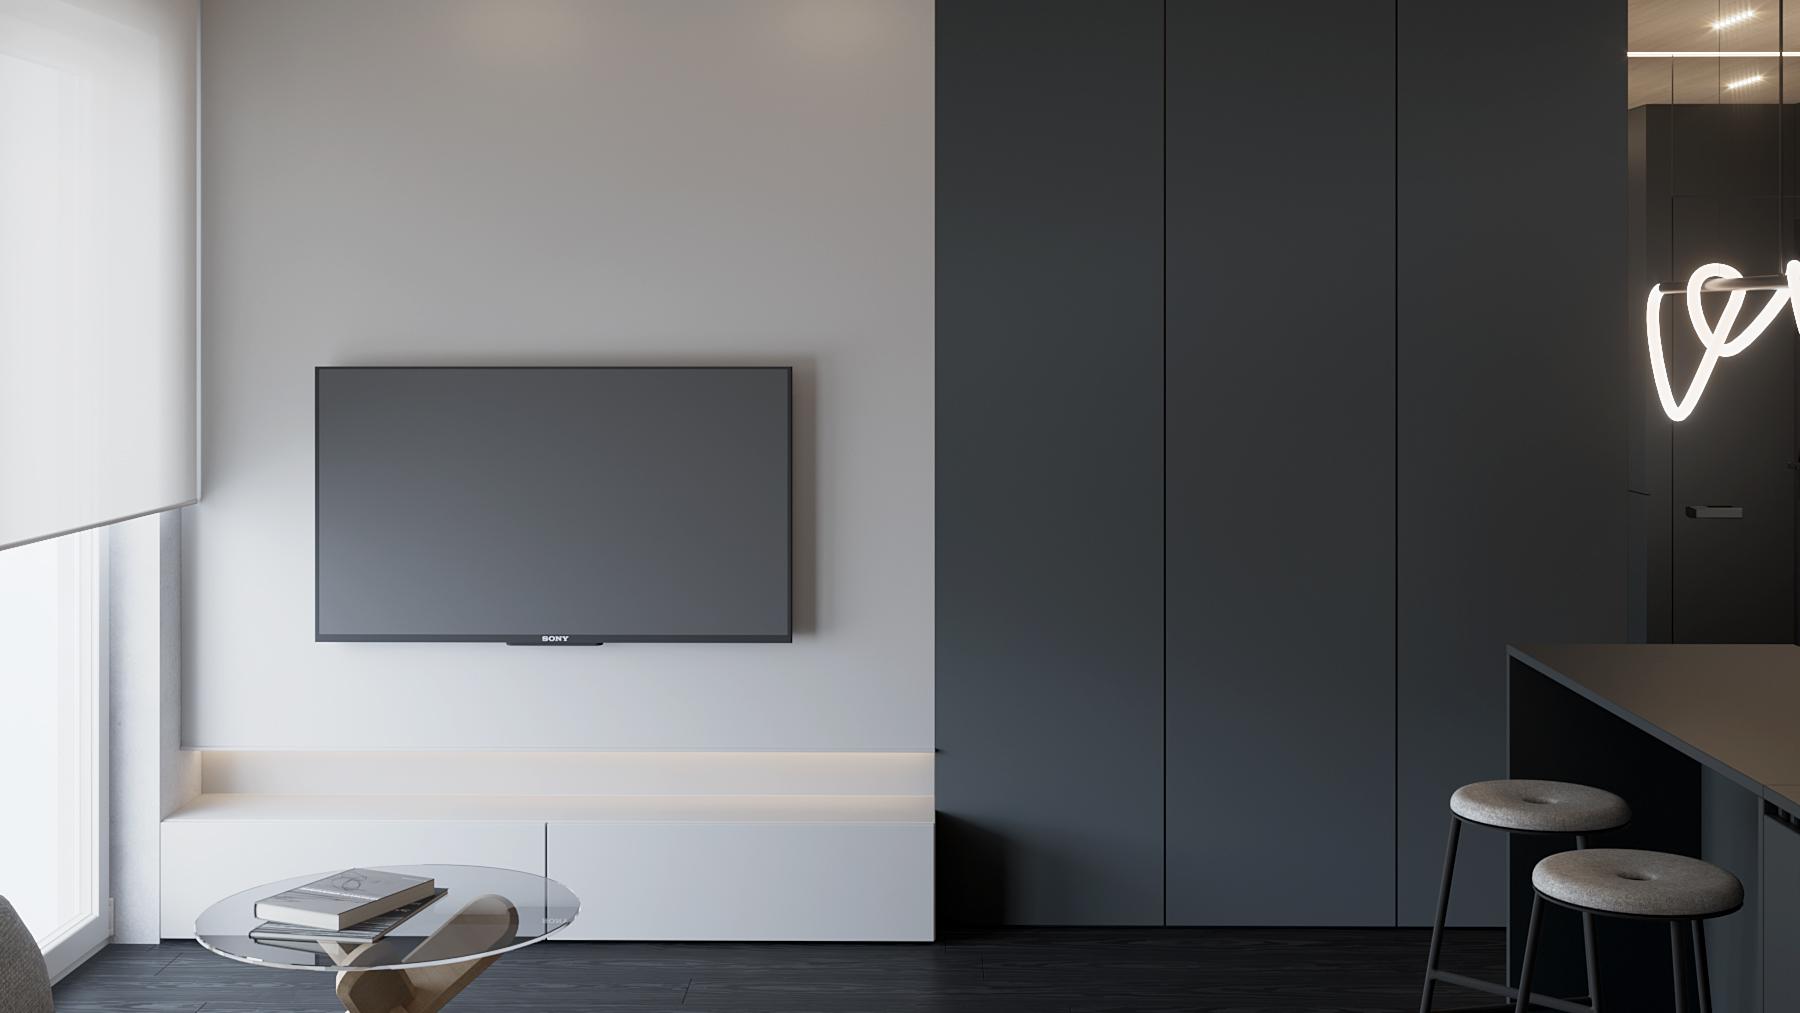 6 aranzacja wnetrz M598 mieszkanie Krakow salon zabudowa meblowa z telewizorem minimalizym czarna drewniana podloga